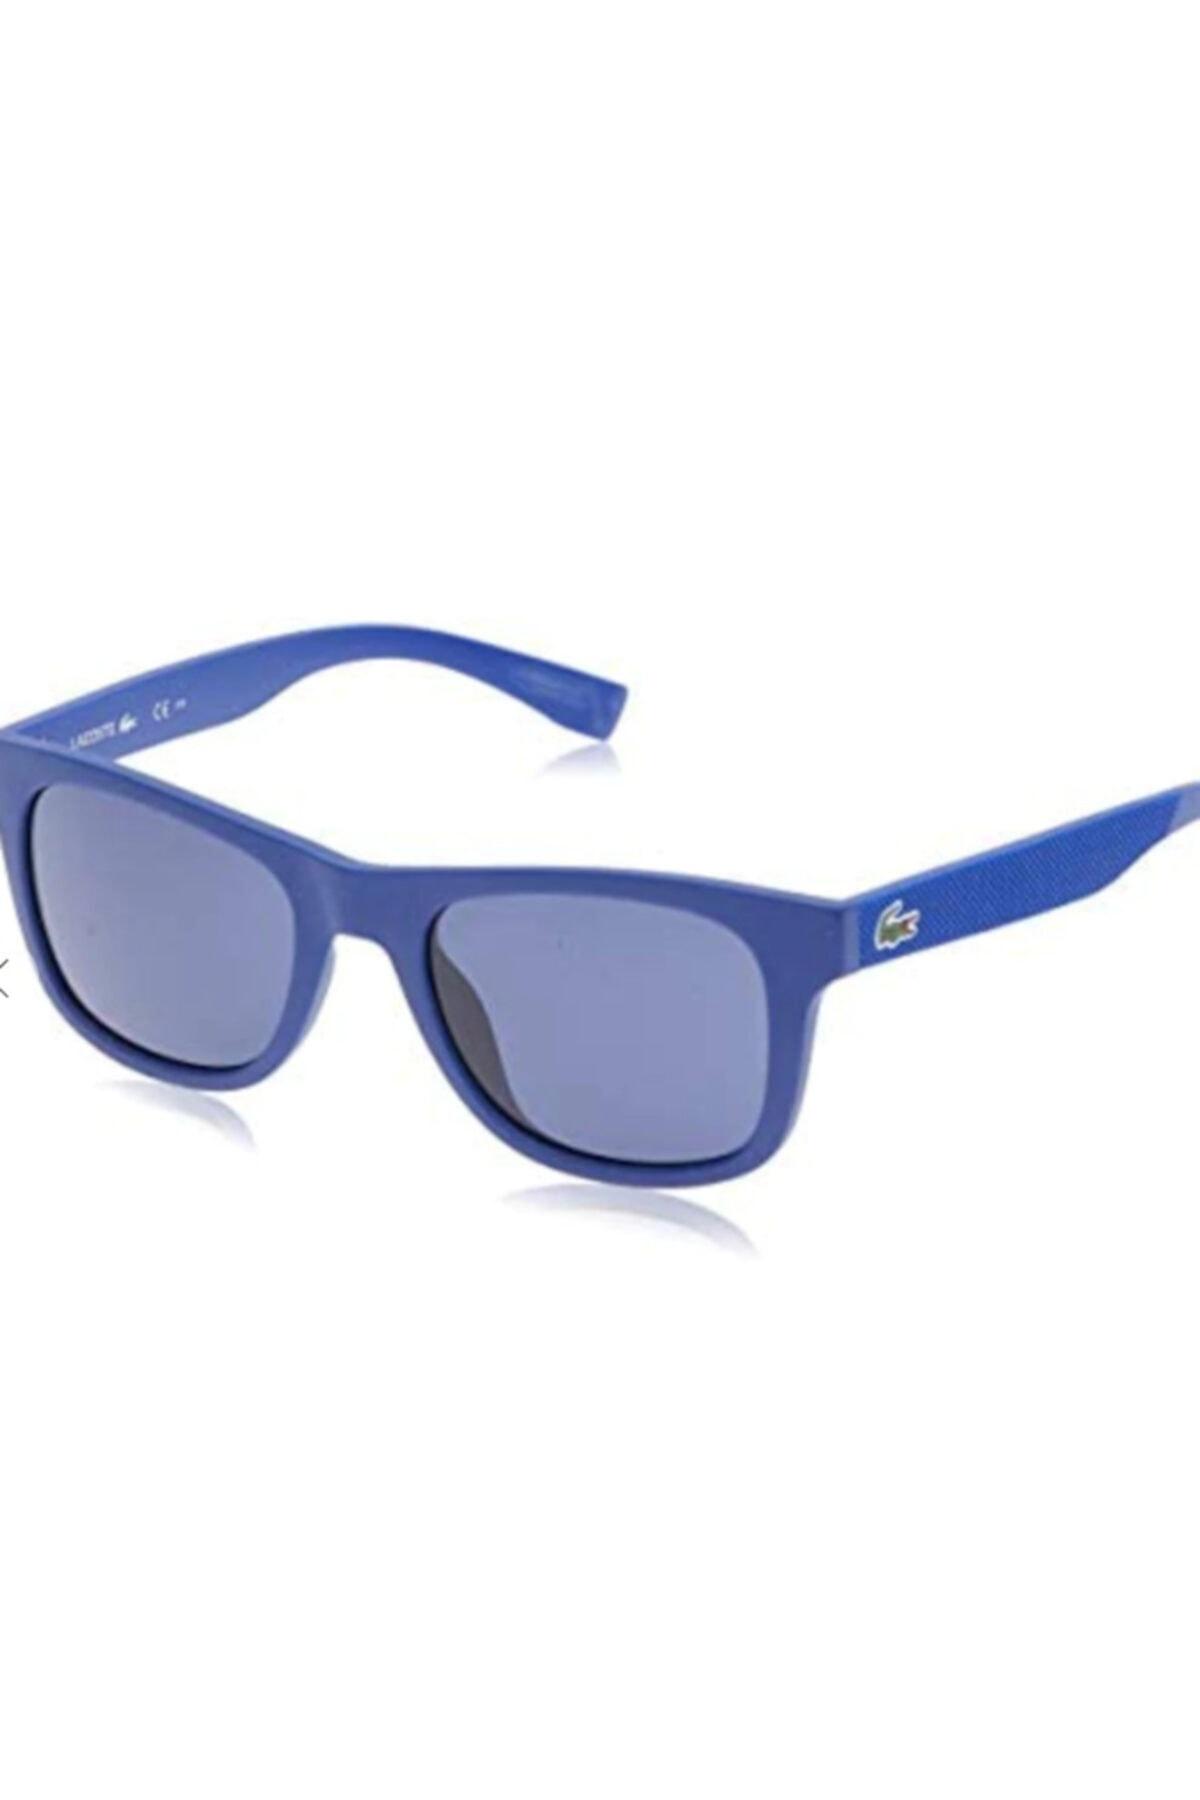 کفش مخعینک آفتابی 2020 مردانه برند لاگوست lacoste رنگ آبی کد ty55522238